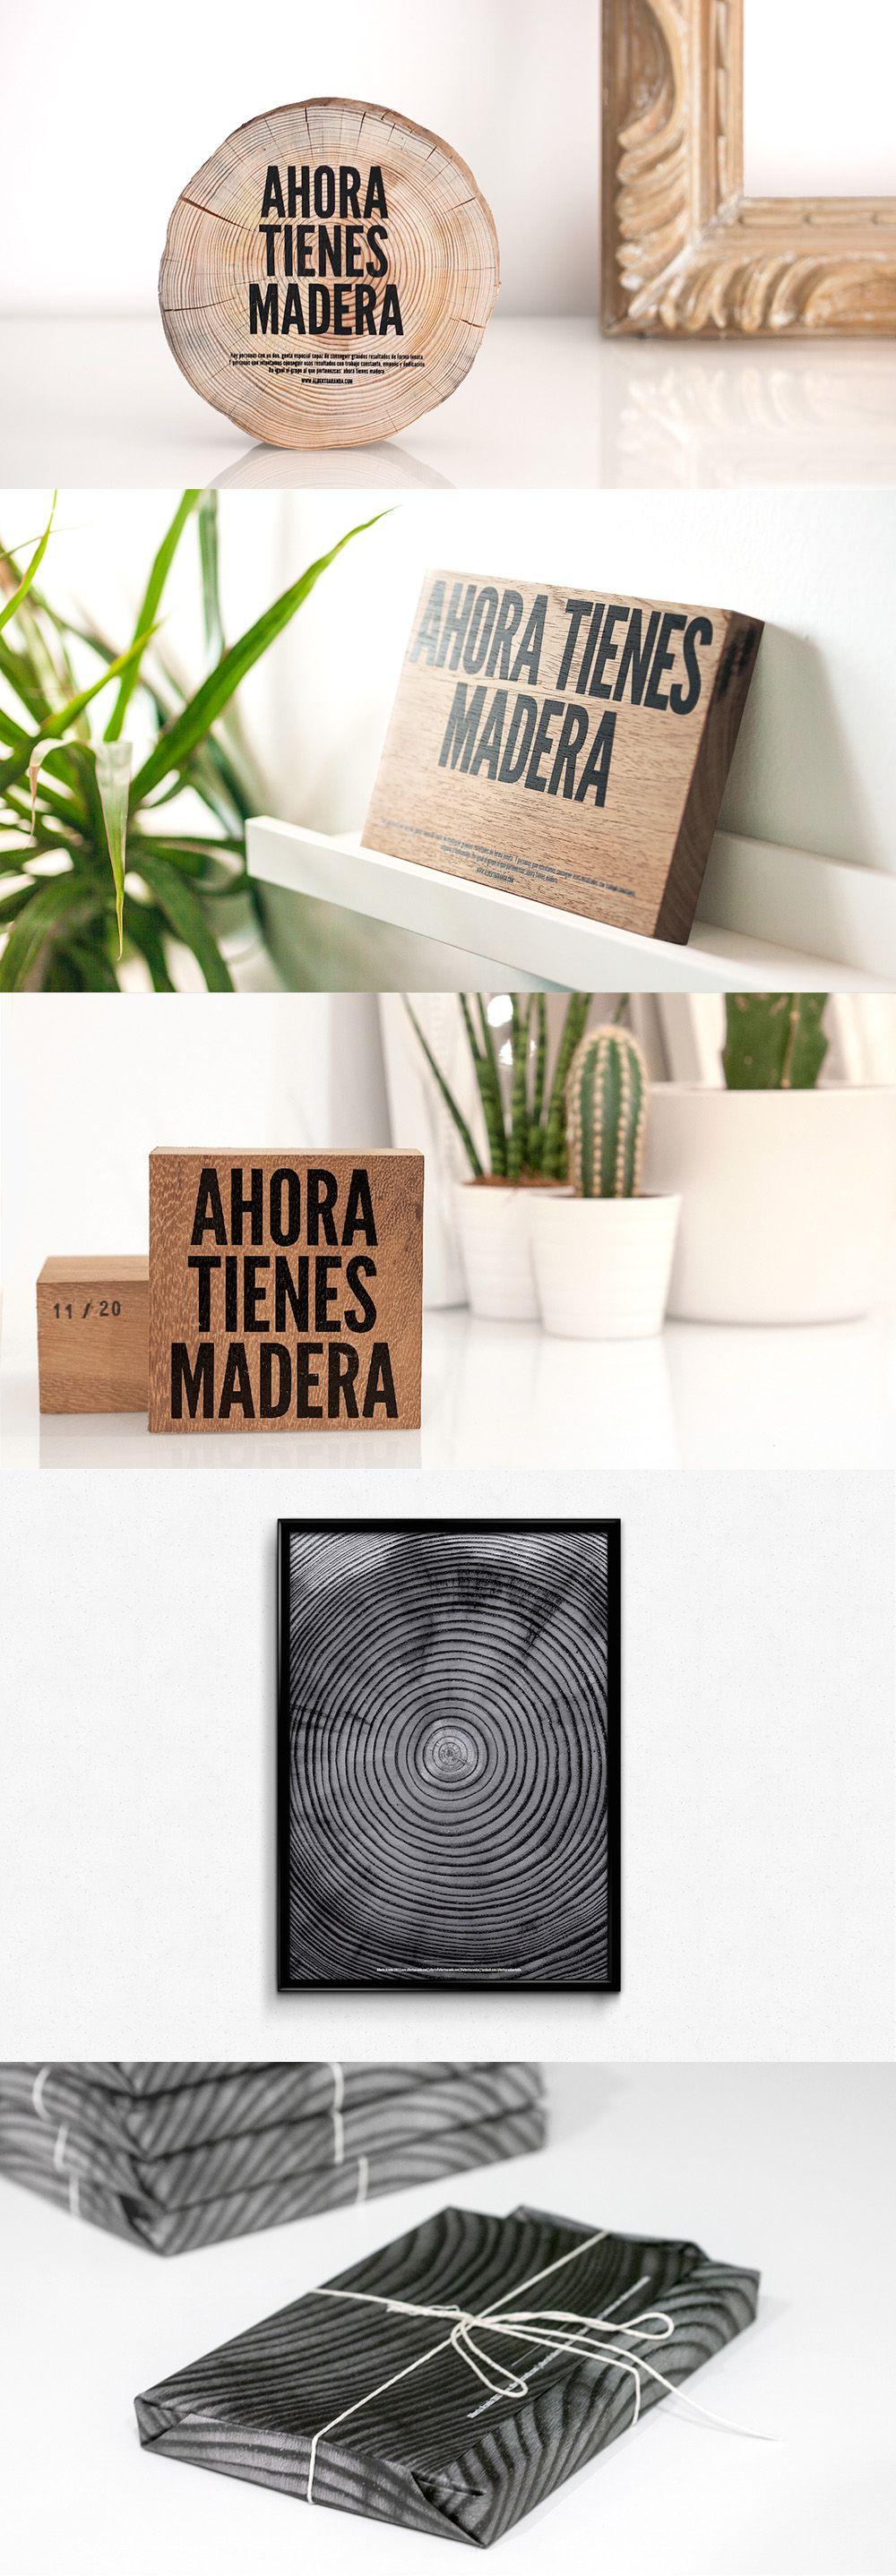 Tienes Madera  325a3c6324f1